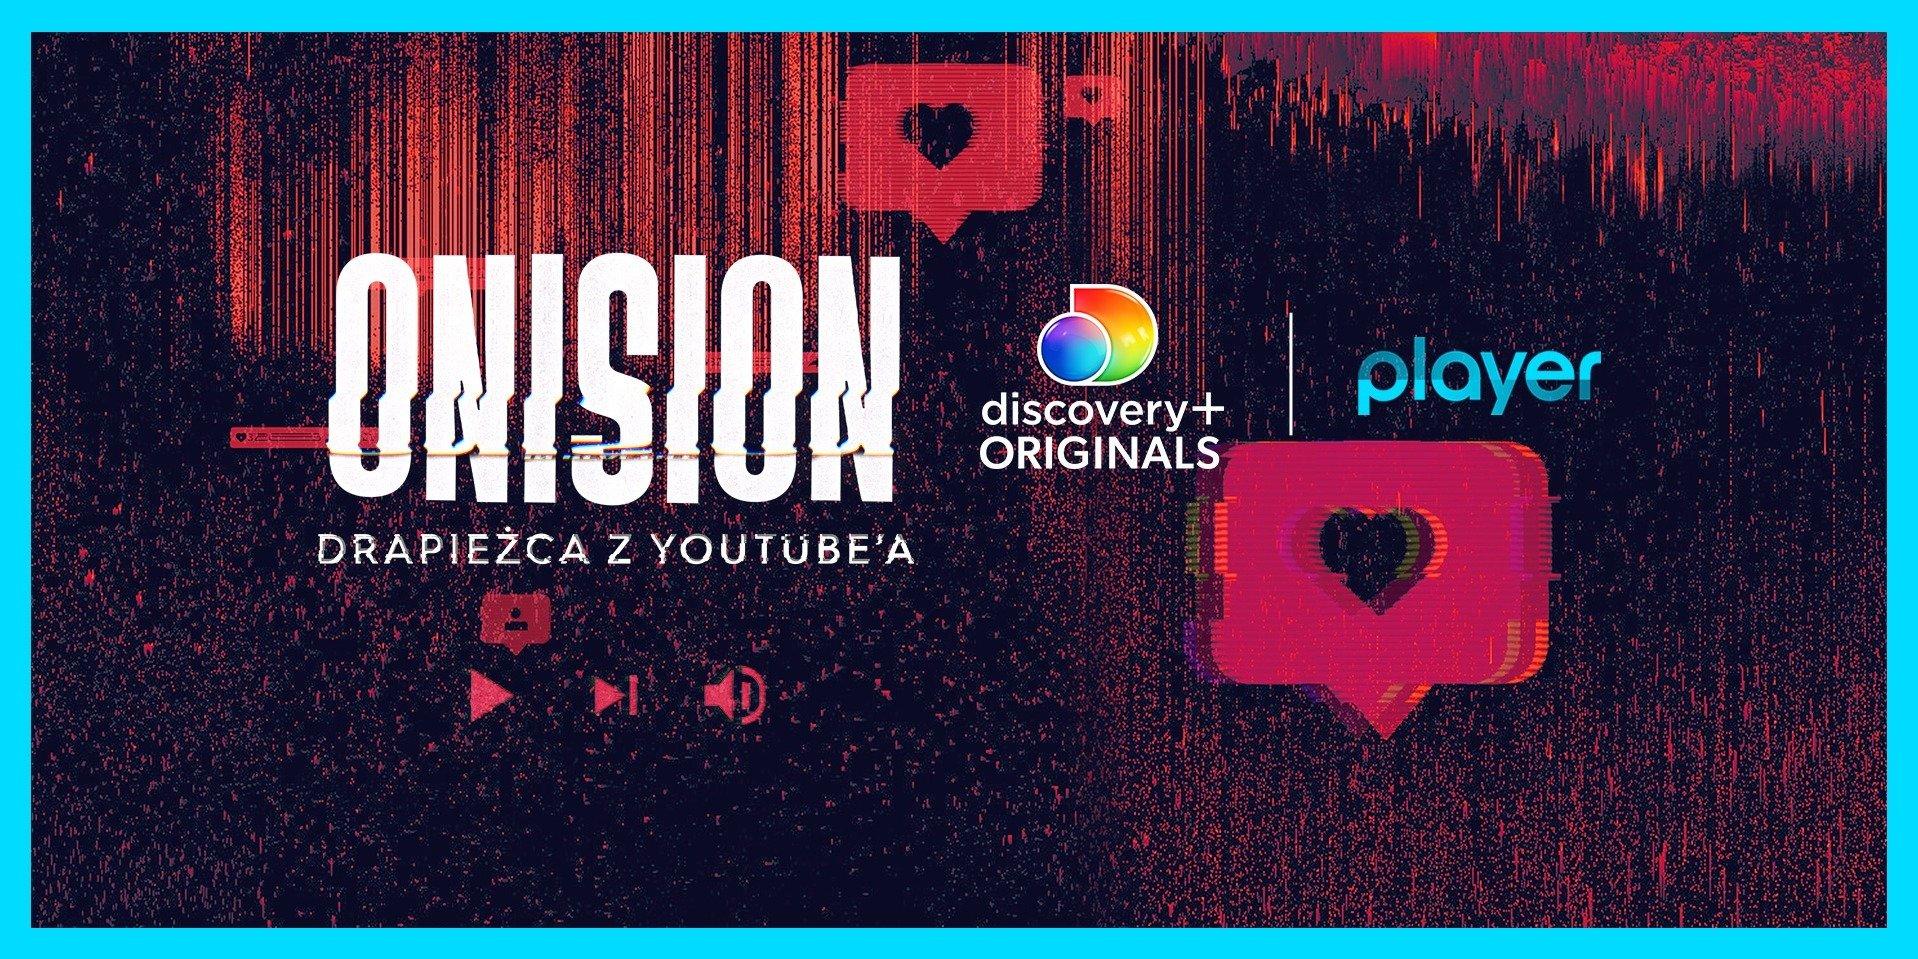 """""""Onision: Drapieżca z Youtube'a"""" – nowa seria dokumentalna discovery+ Originals tylko na Playerze!"""